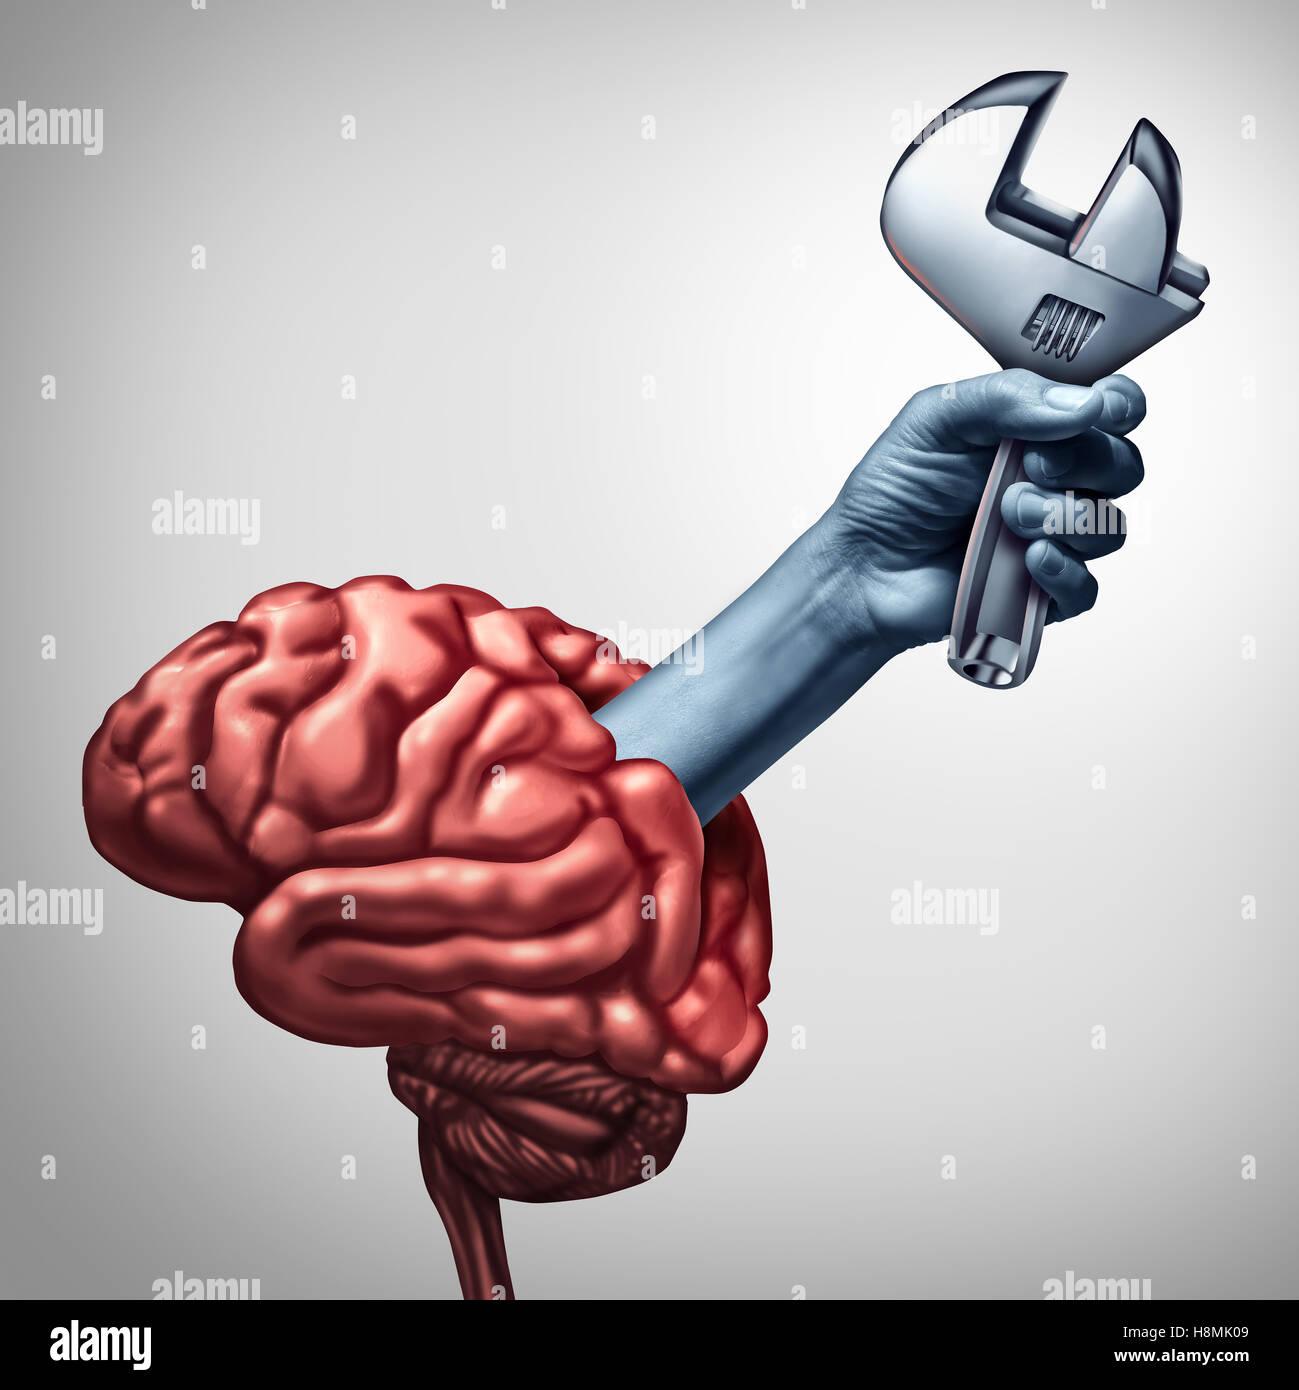 Reparación Cerebral la psicoterapia o la neurología, cirugía concepto de salud como una mano emergiendo Imagen De Stock